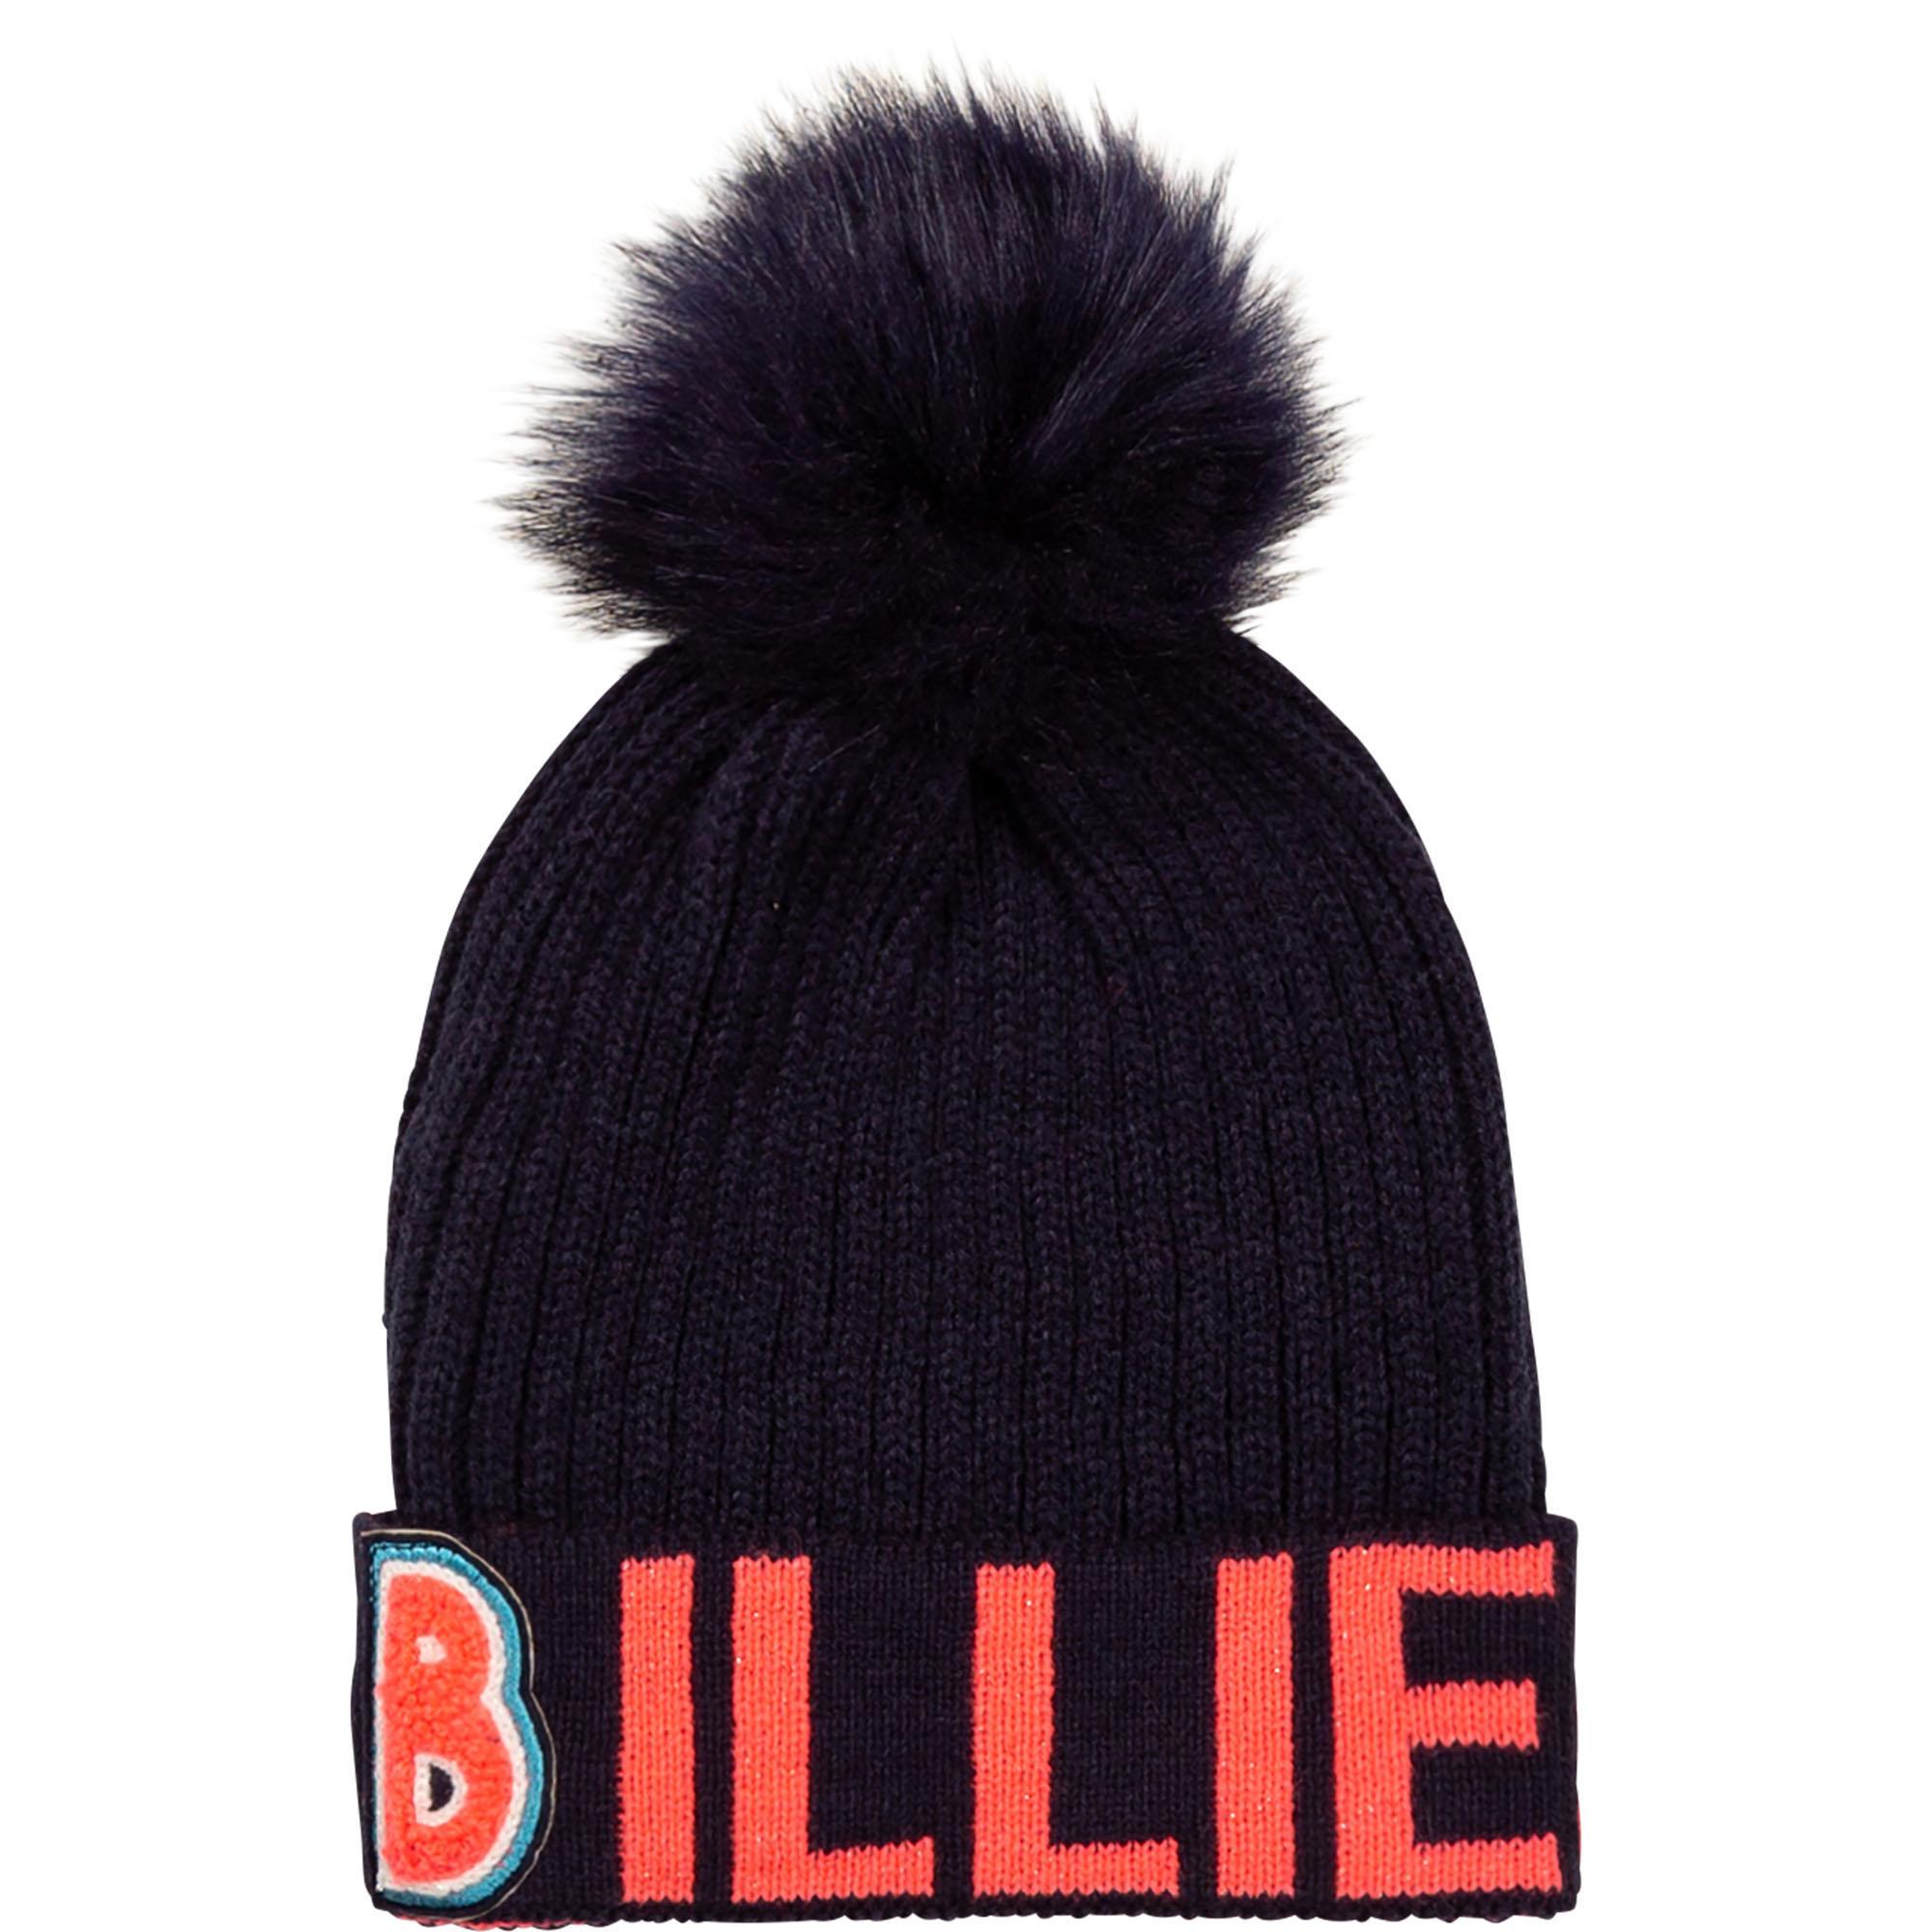 PULL ON HAT BILLIEBLUSH for GIRL